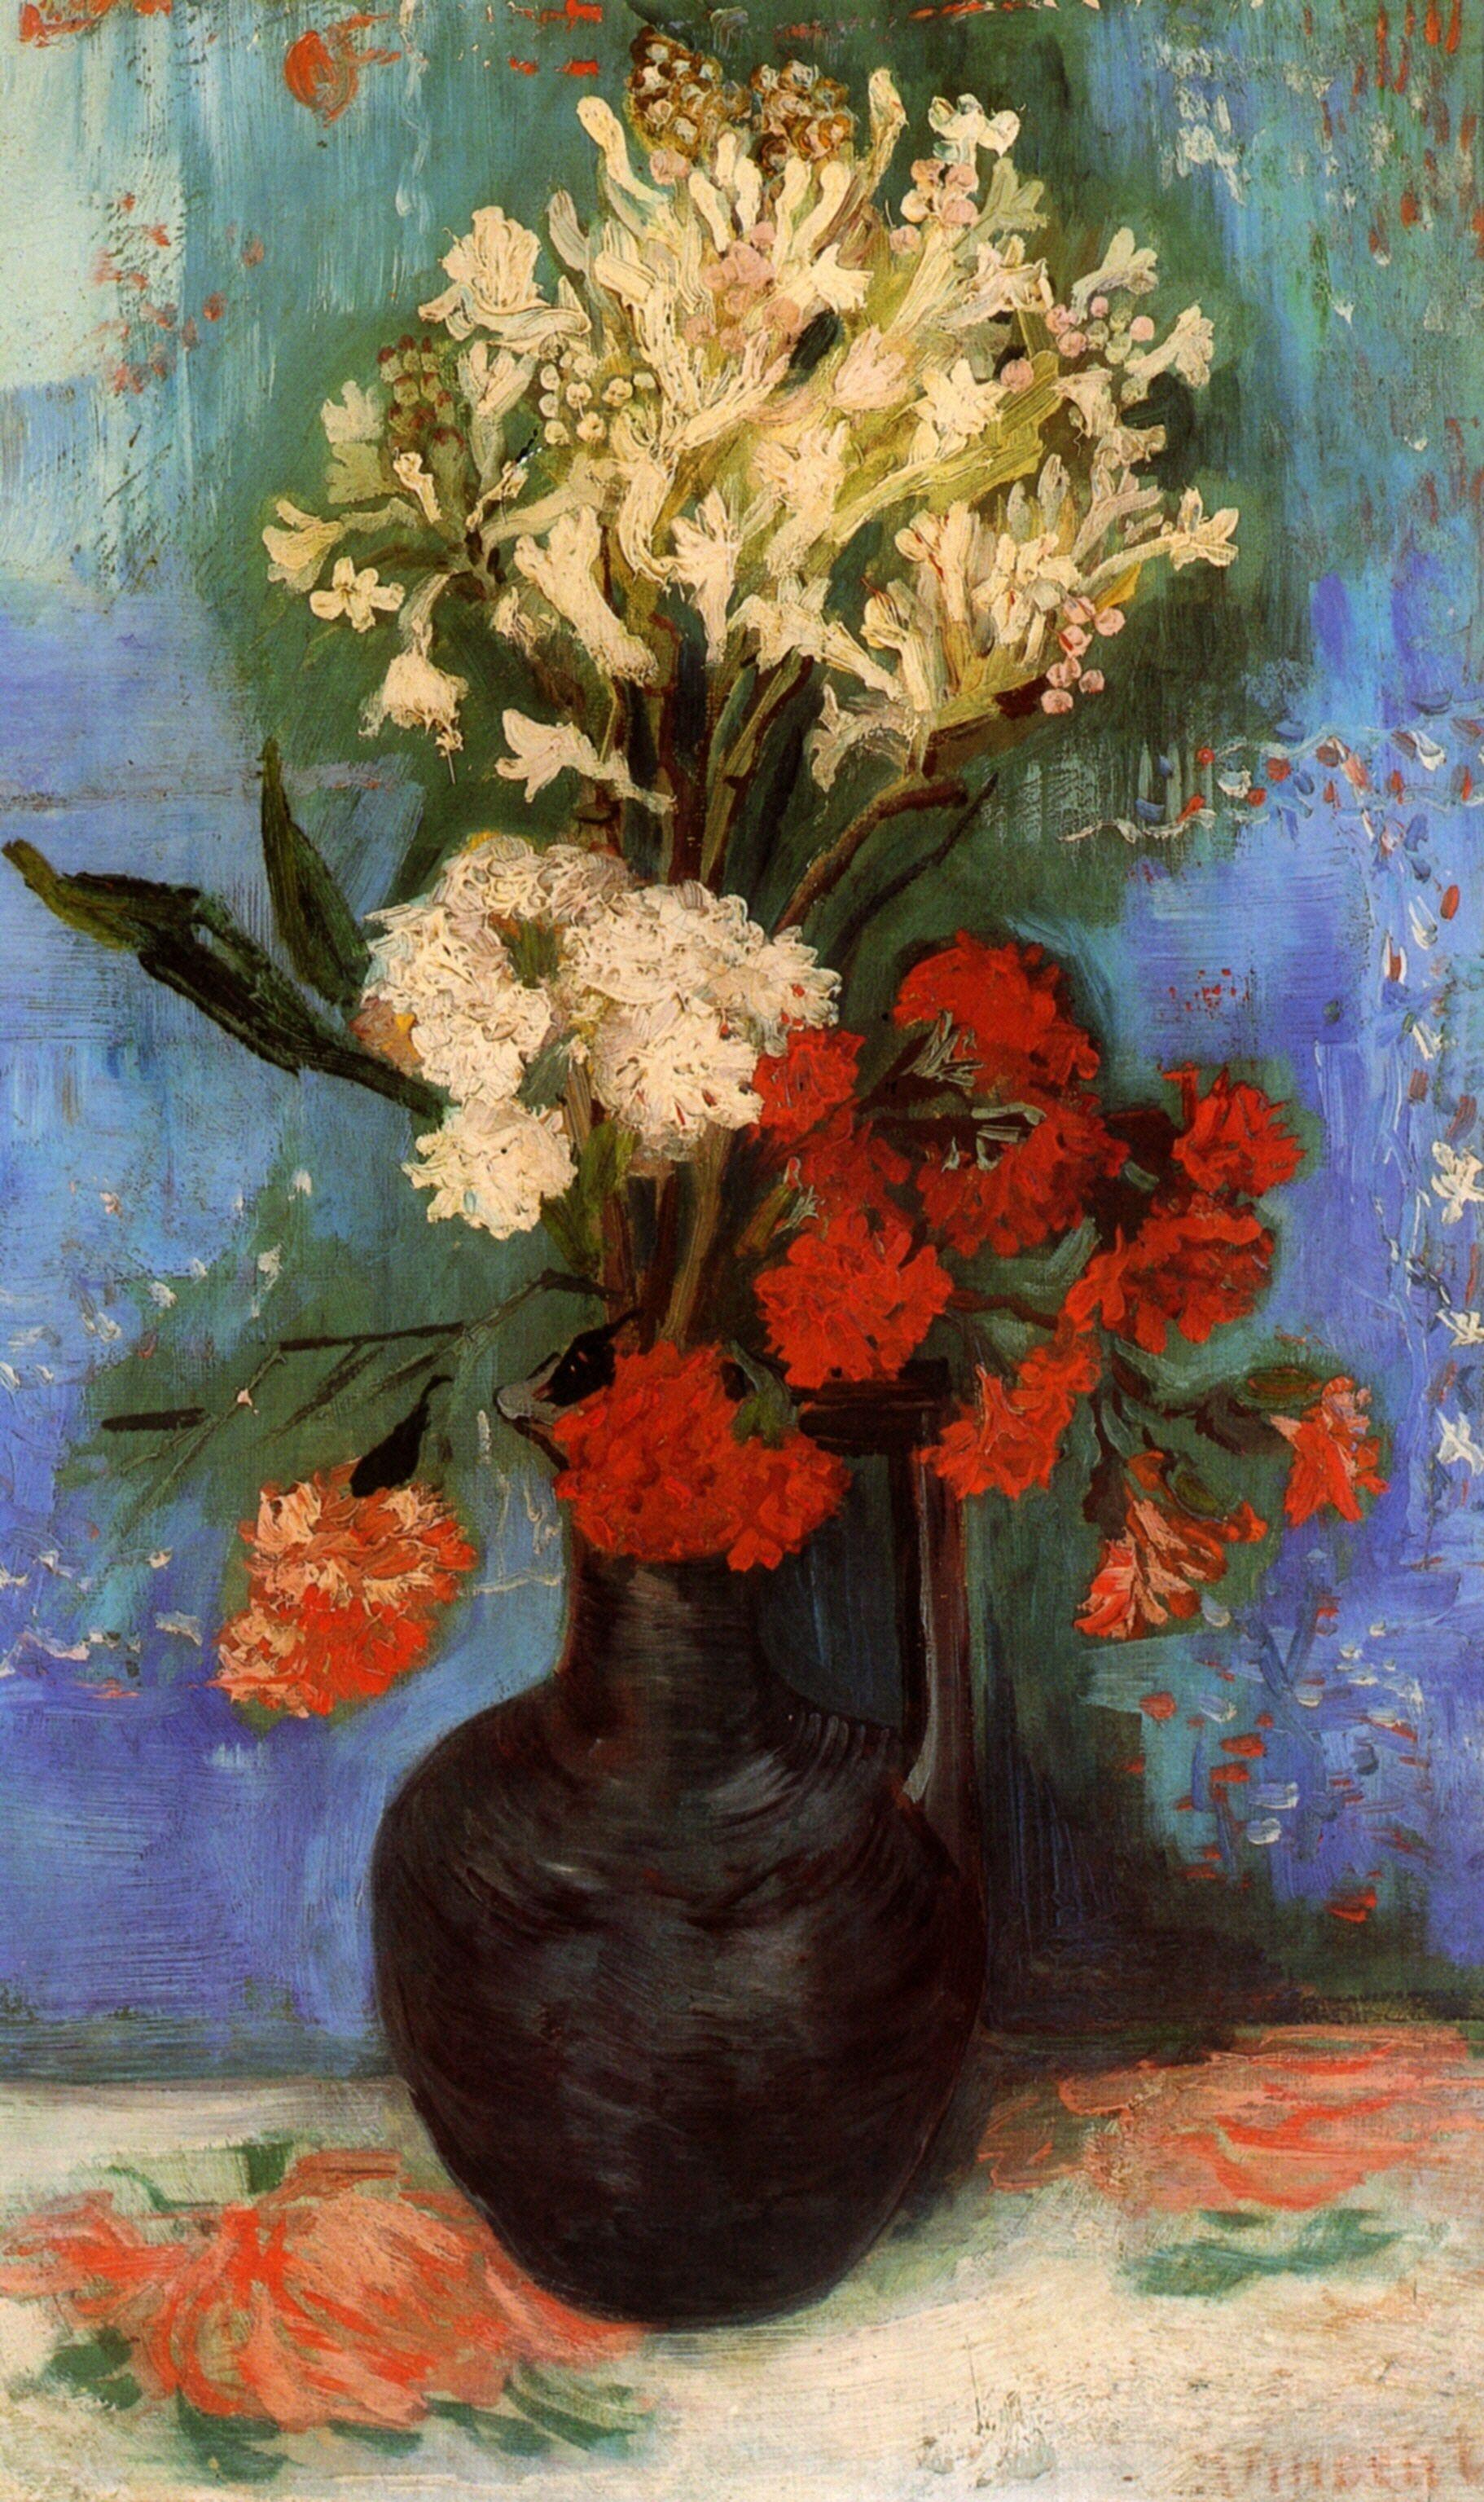 Vase with Peonies - Vincent van Gogh - WikiArt.org